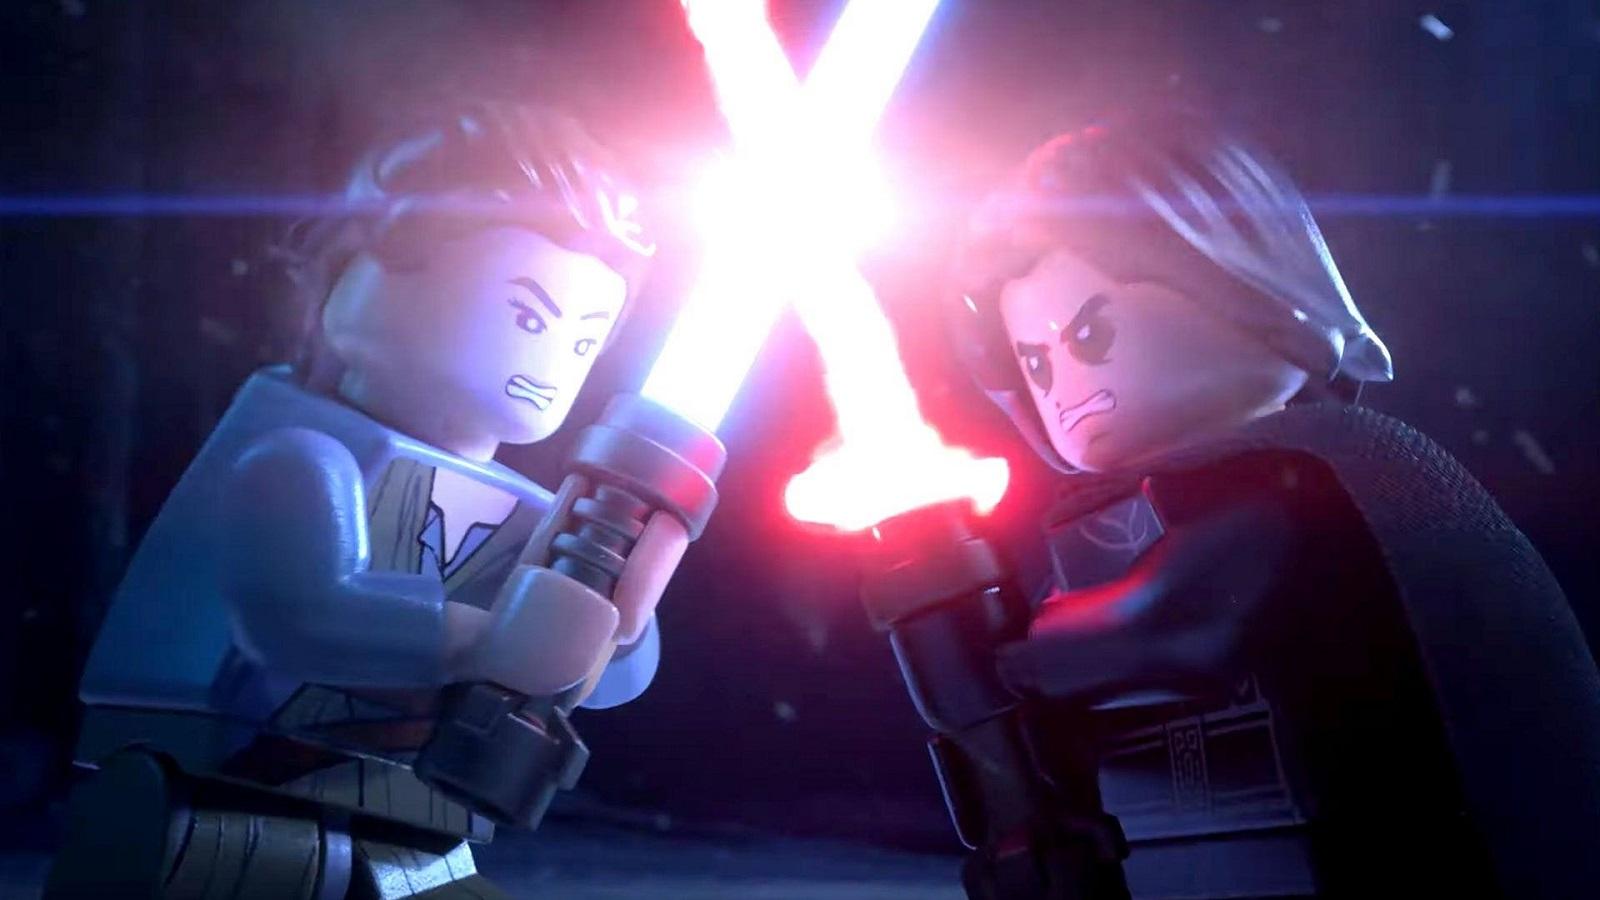 LEGO Star Wars: The Skywalker Saga предложит взять под контроль около 300 персонажей, включая Бабу Фрика